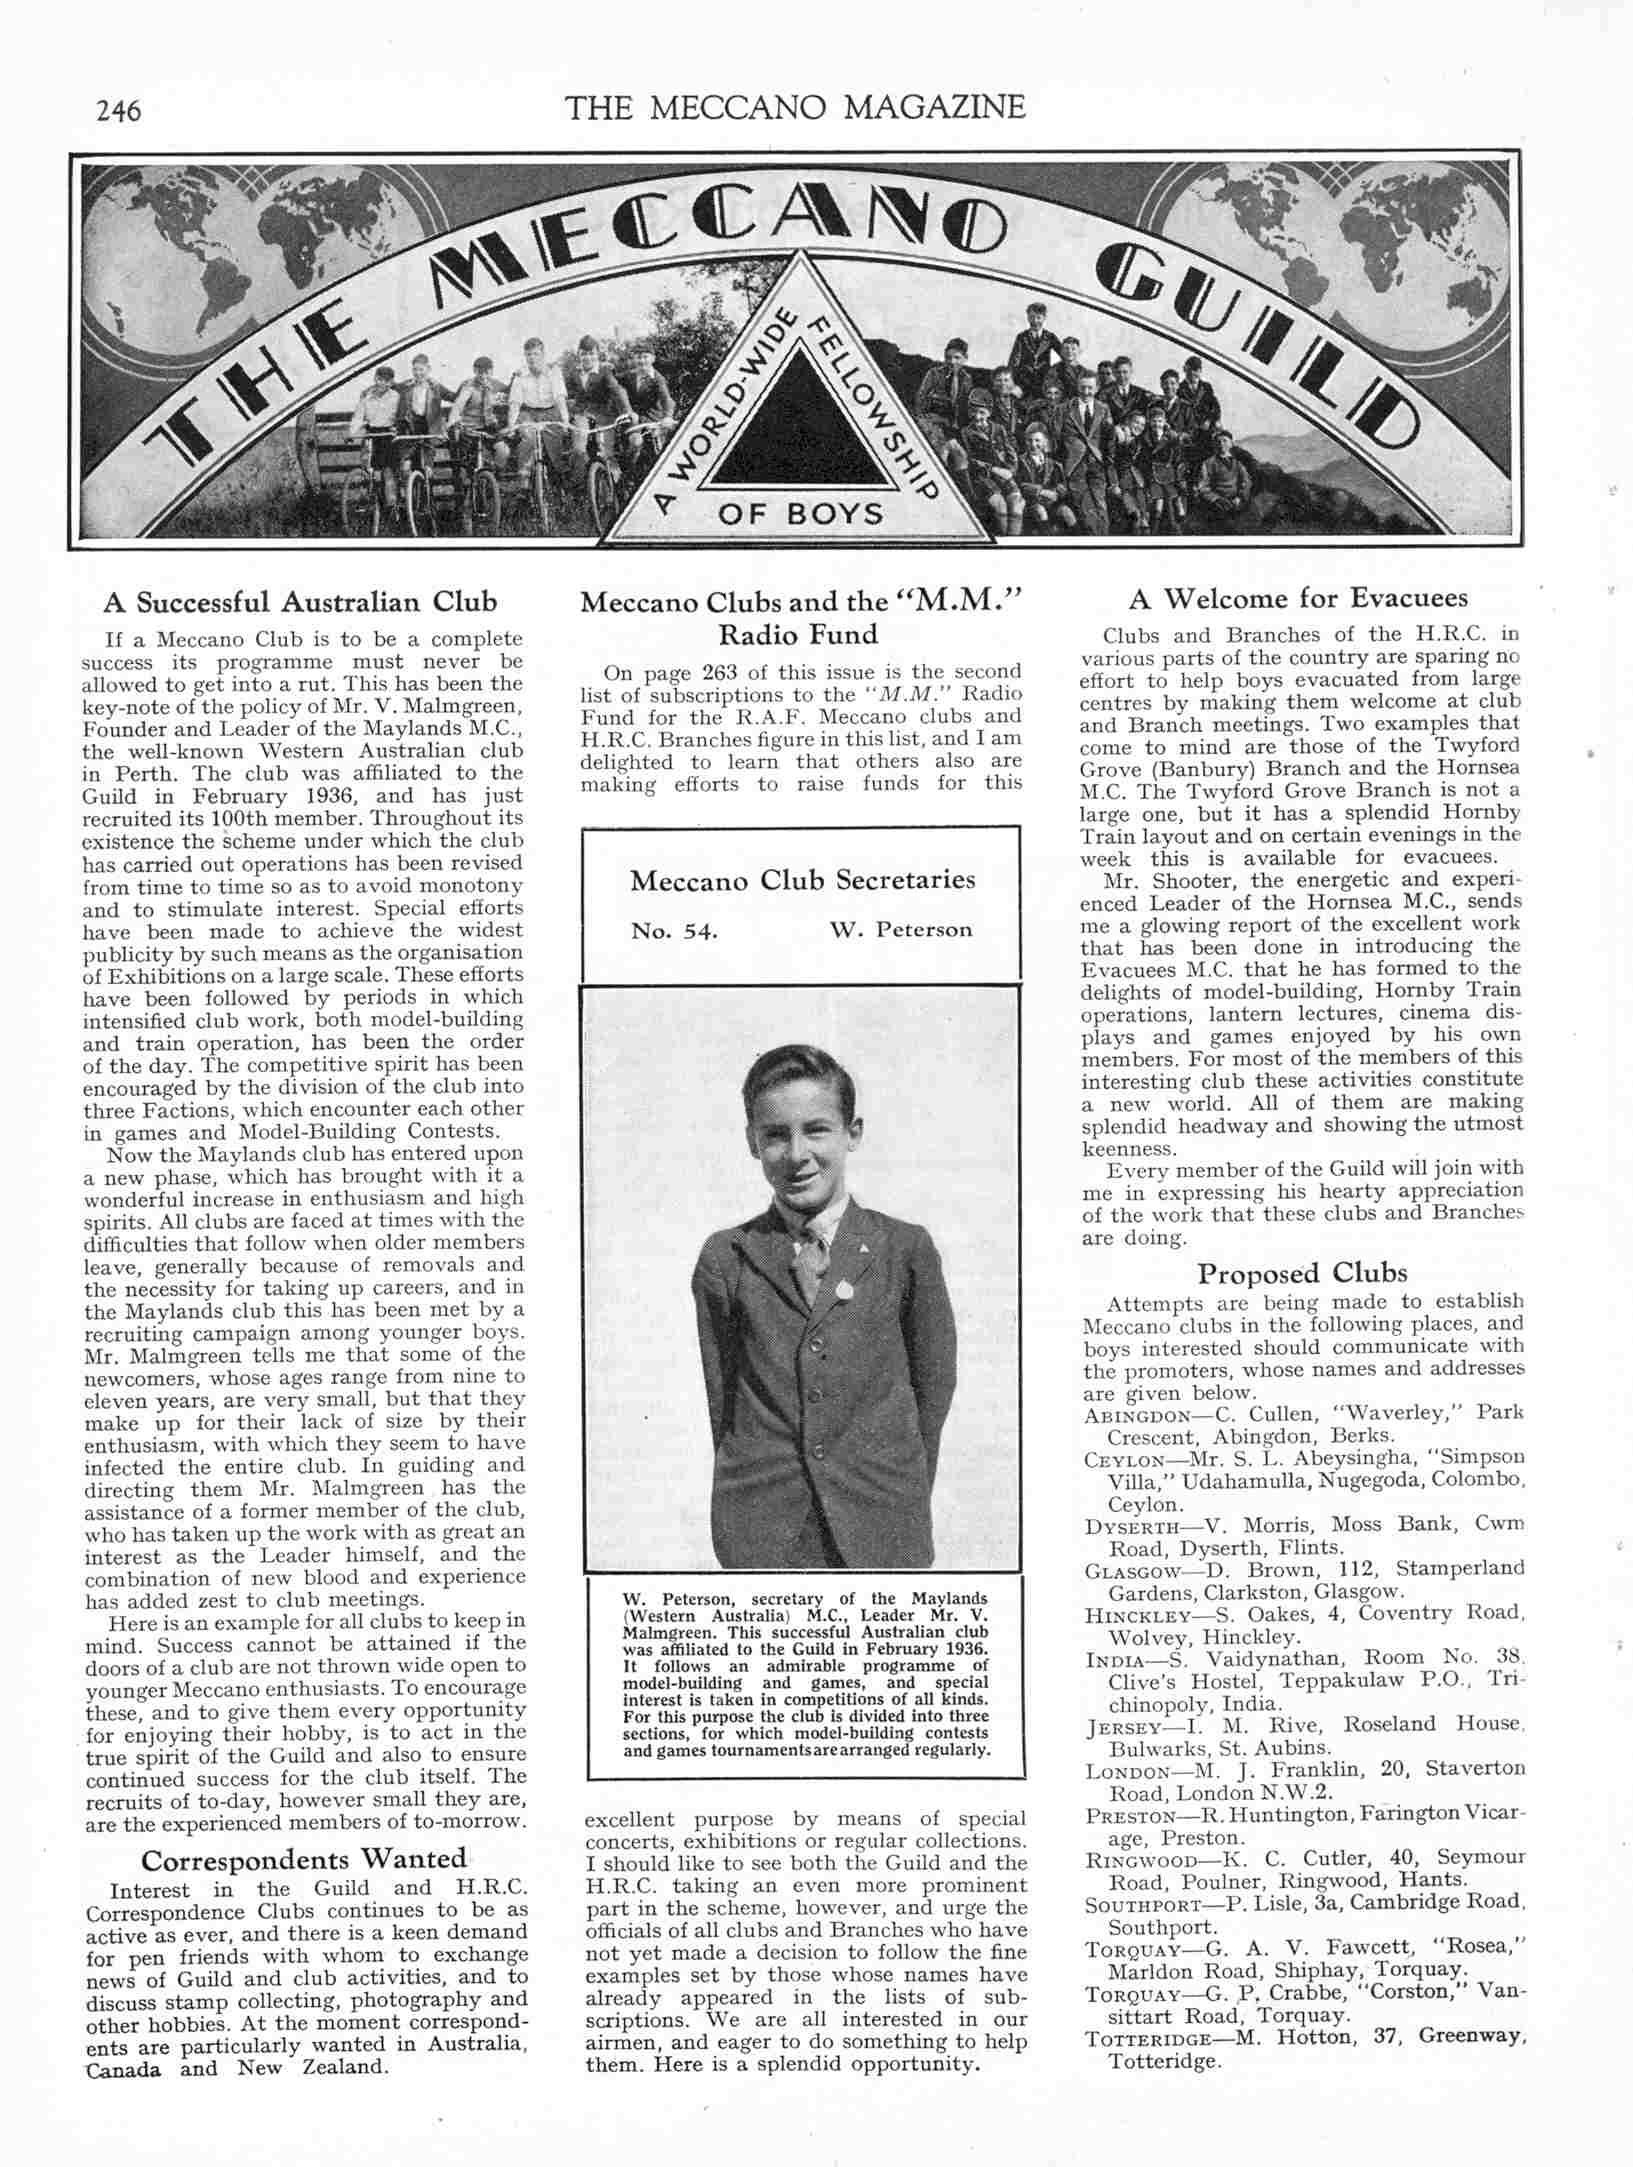 UK Meccano Magazine May 1940 Page 246